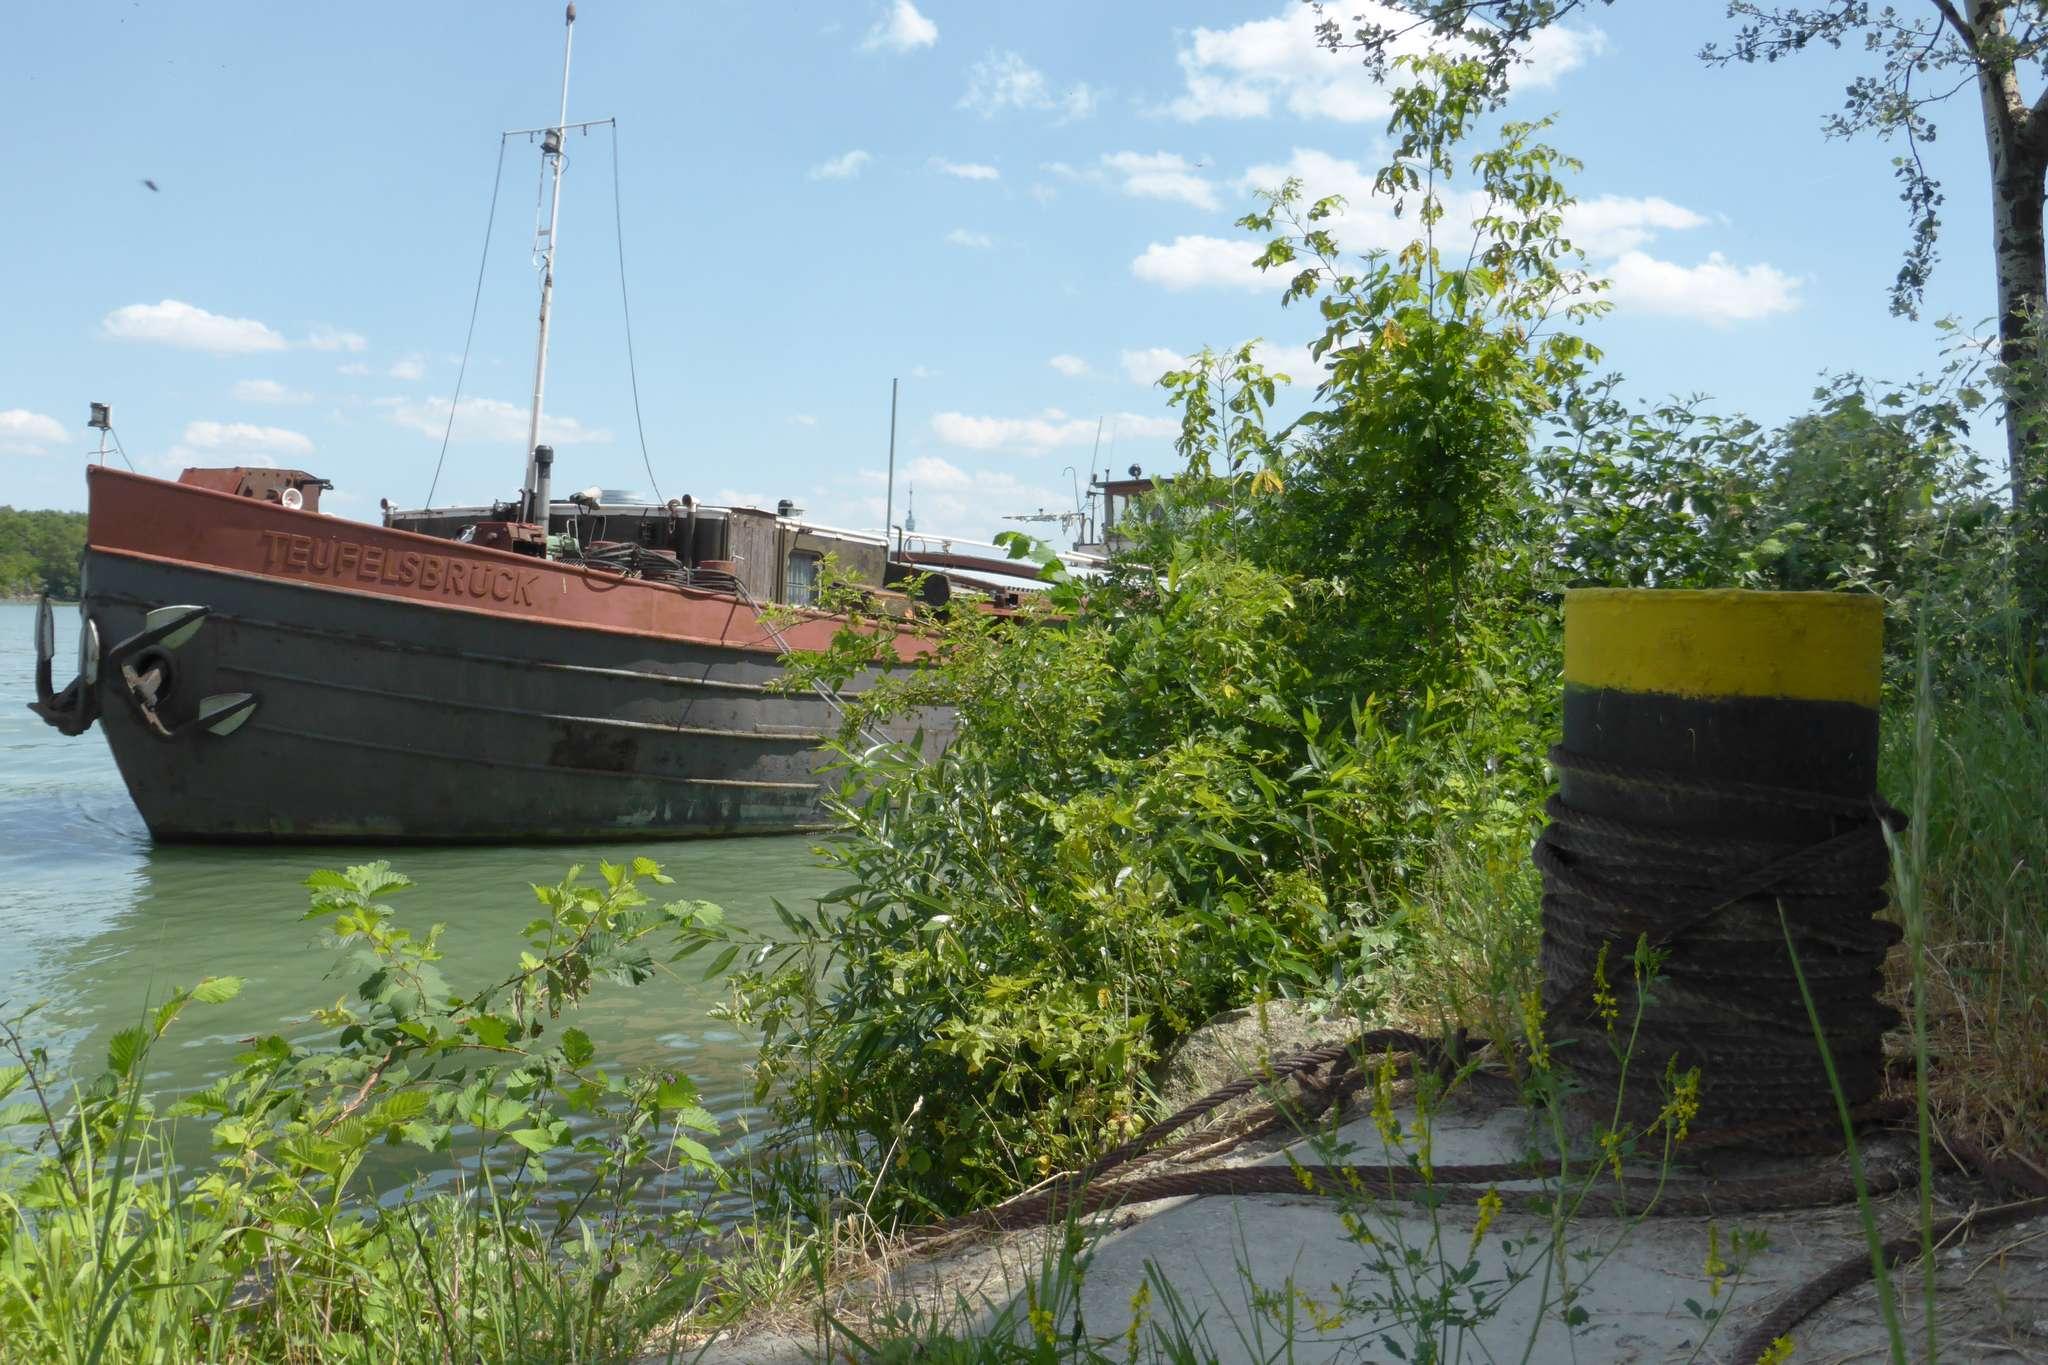 Podążając wzdłuż Dunaju co chwila spotykamy malownicze widoki.